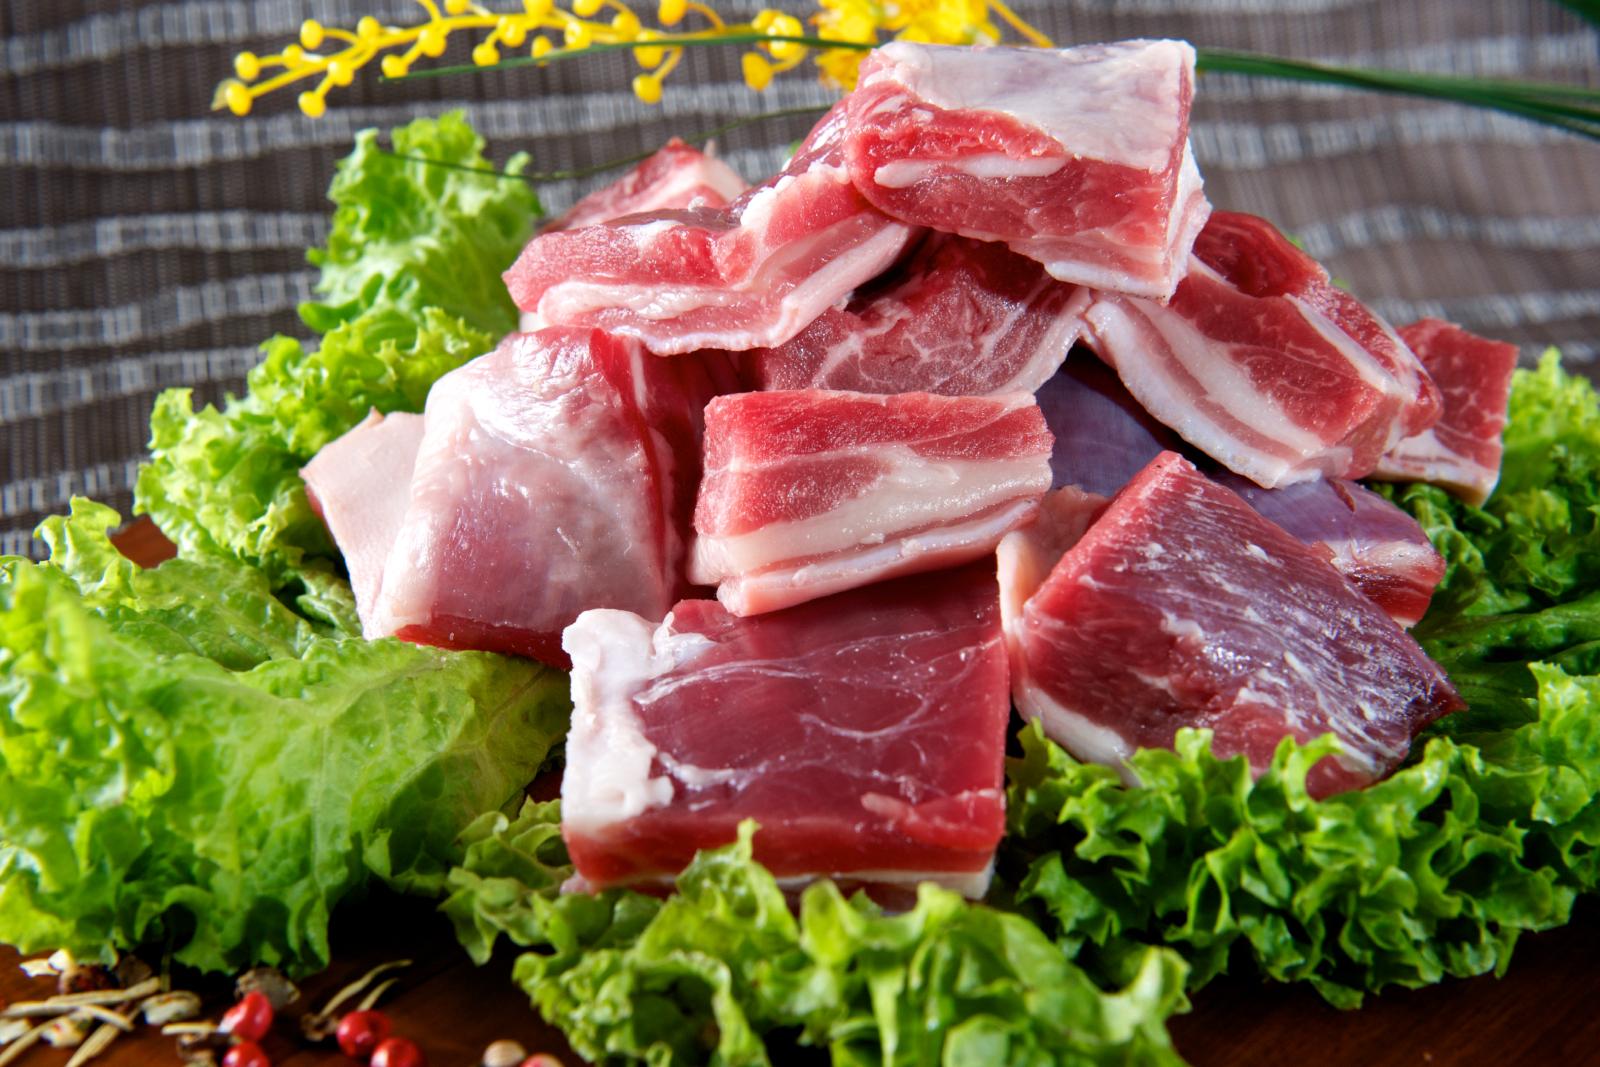 ▲ 羊肉的羊羶味源自於羊皮脂腺的分泌物,肌肉的部分離皮脂腺較遠